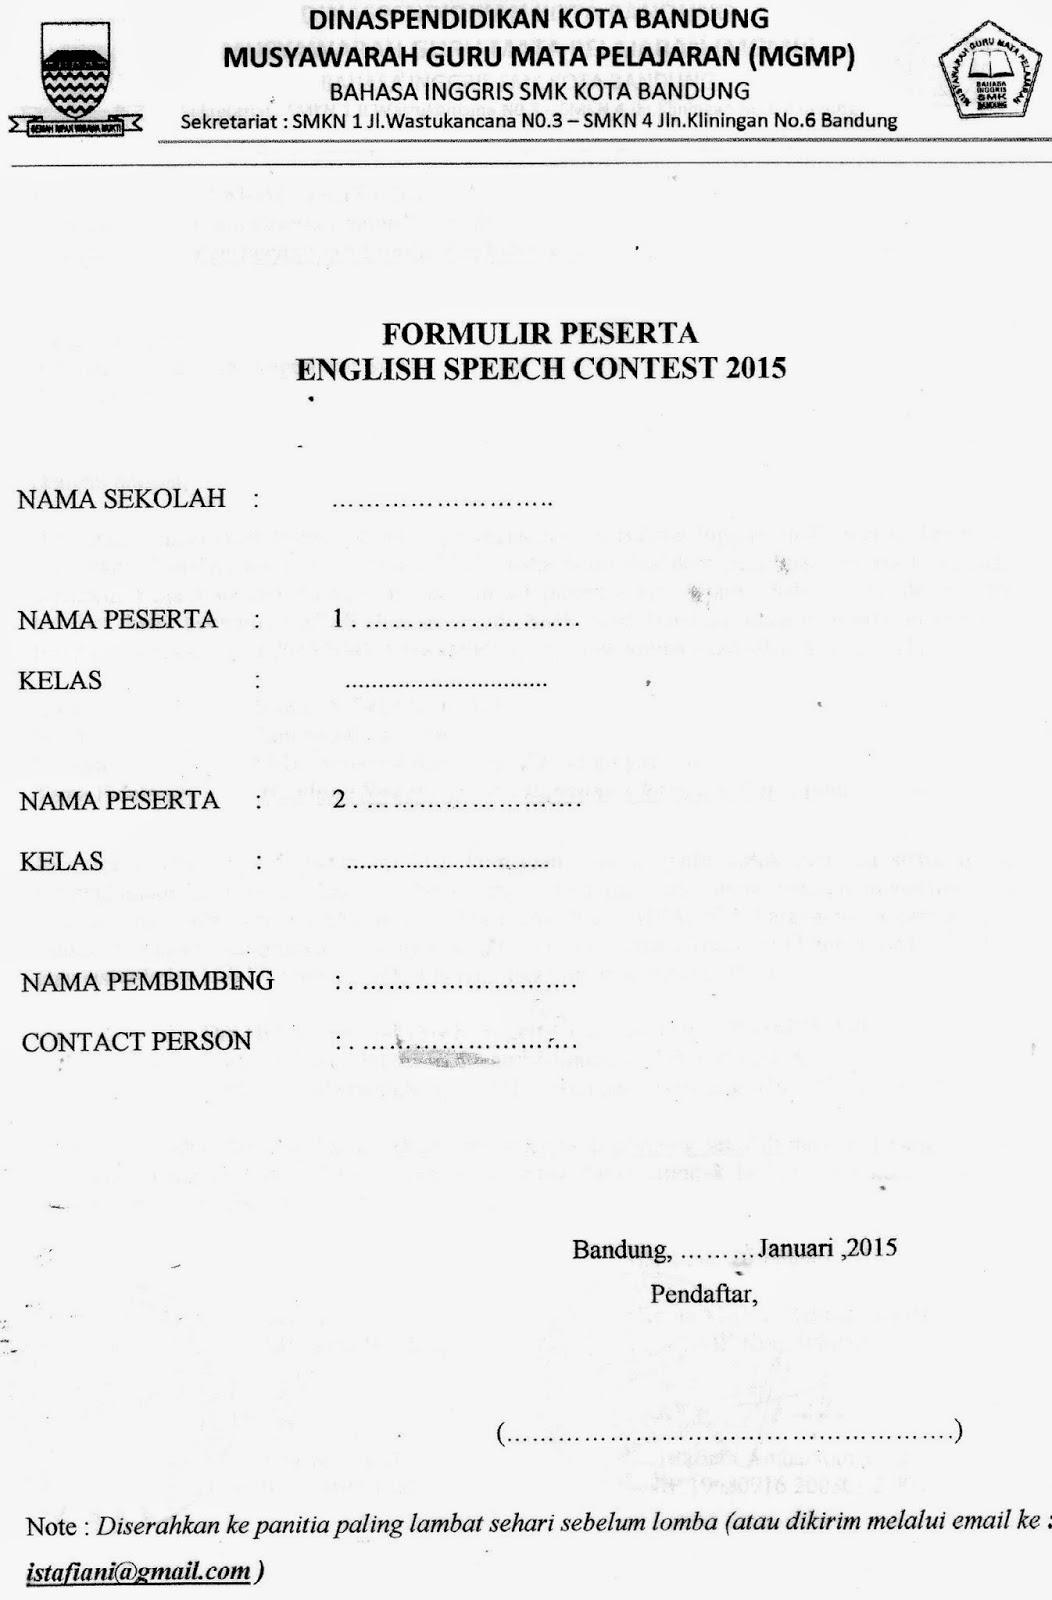 Contoh Form Dalam Bahasa Inggris Puspasari